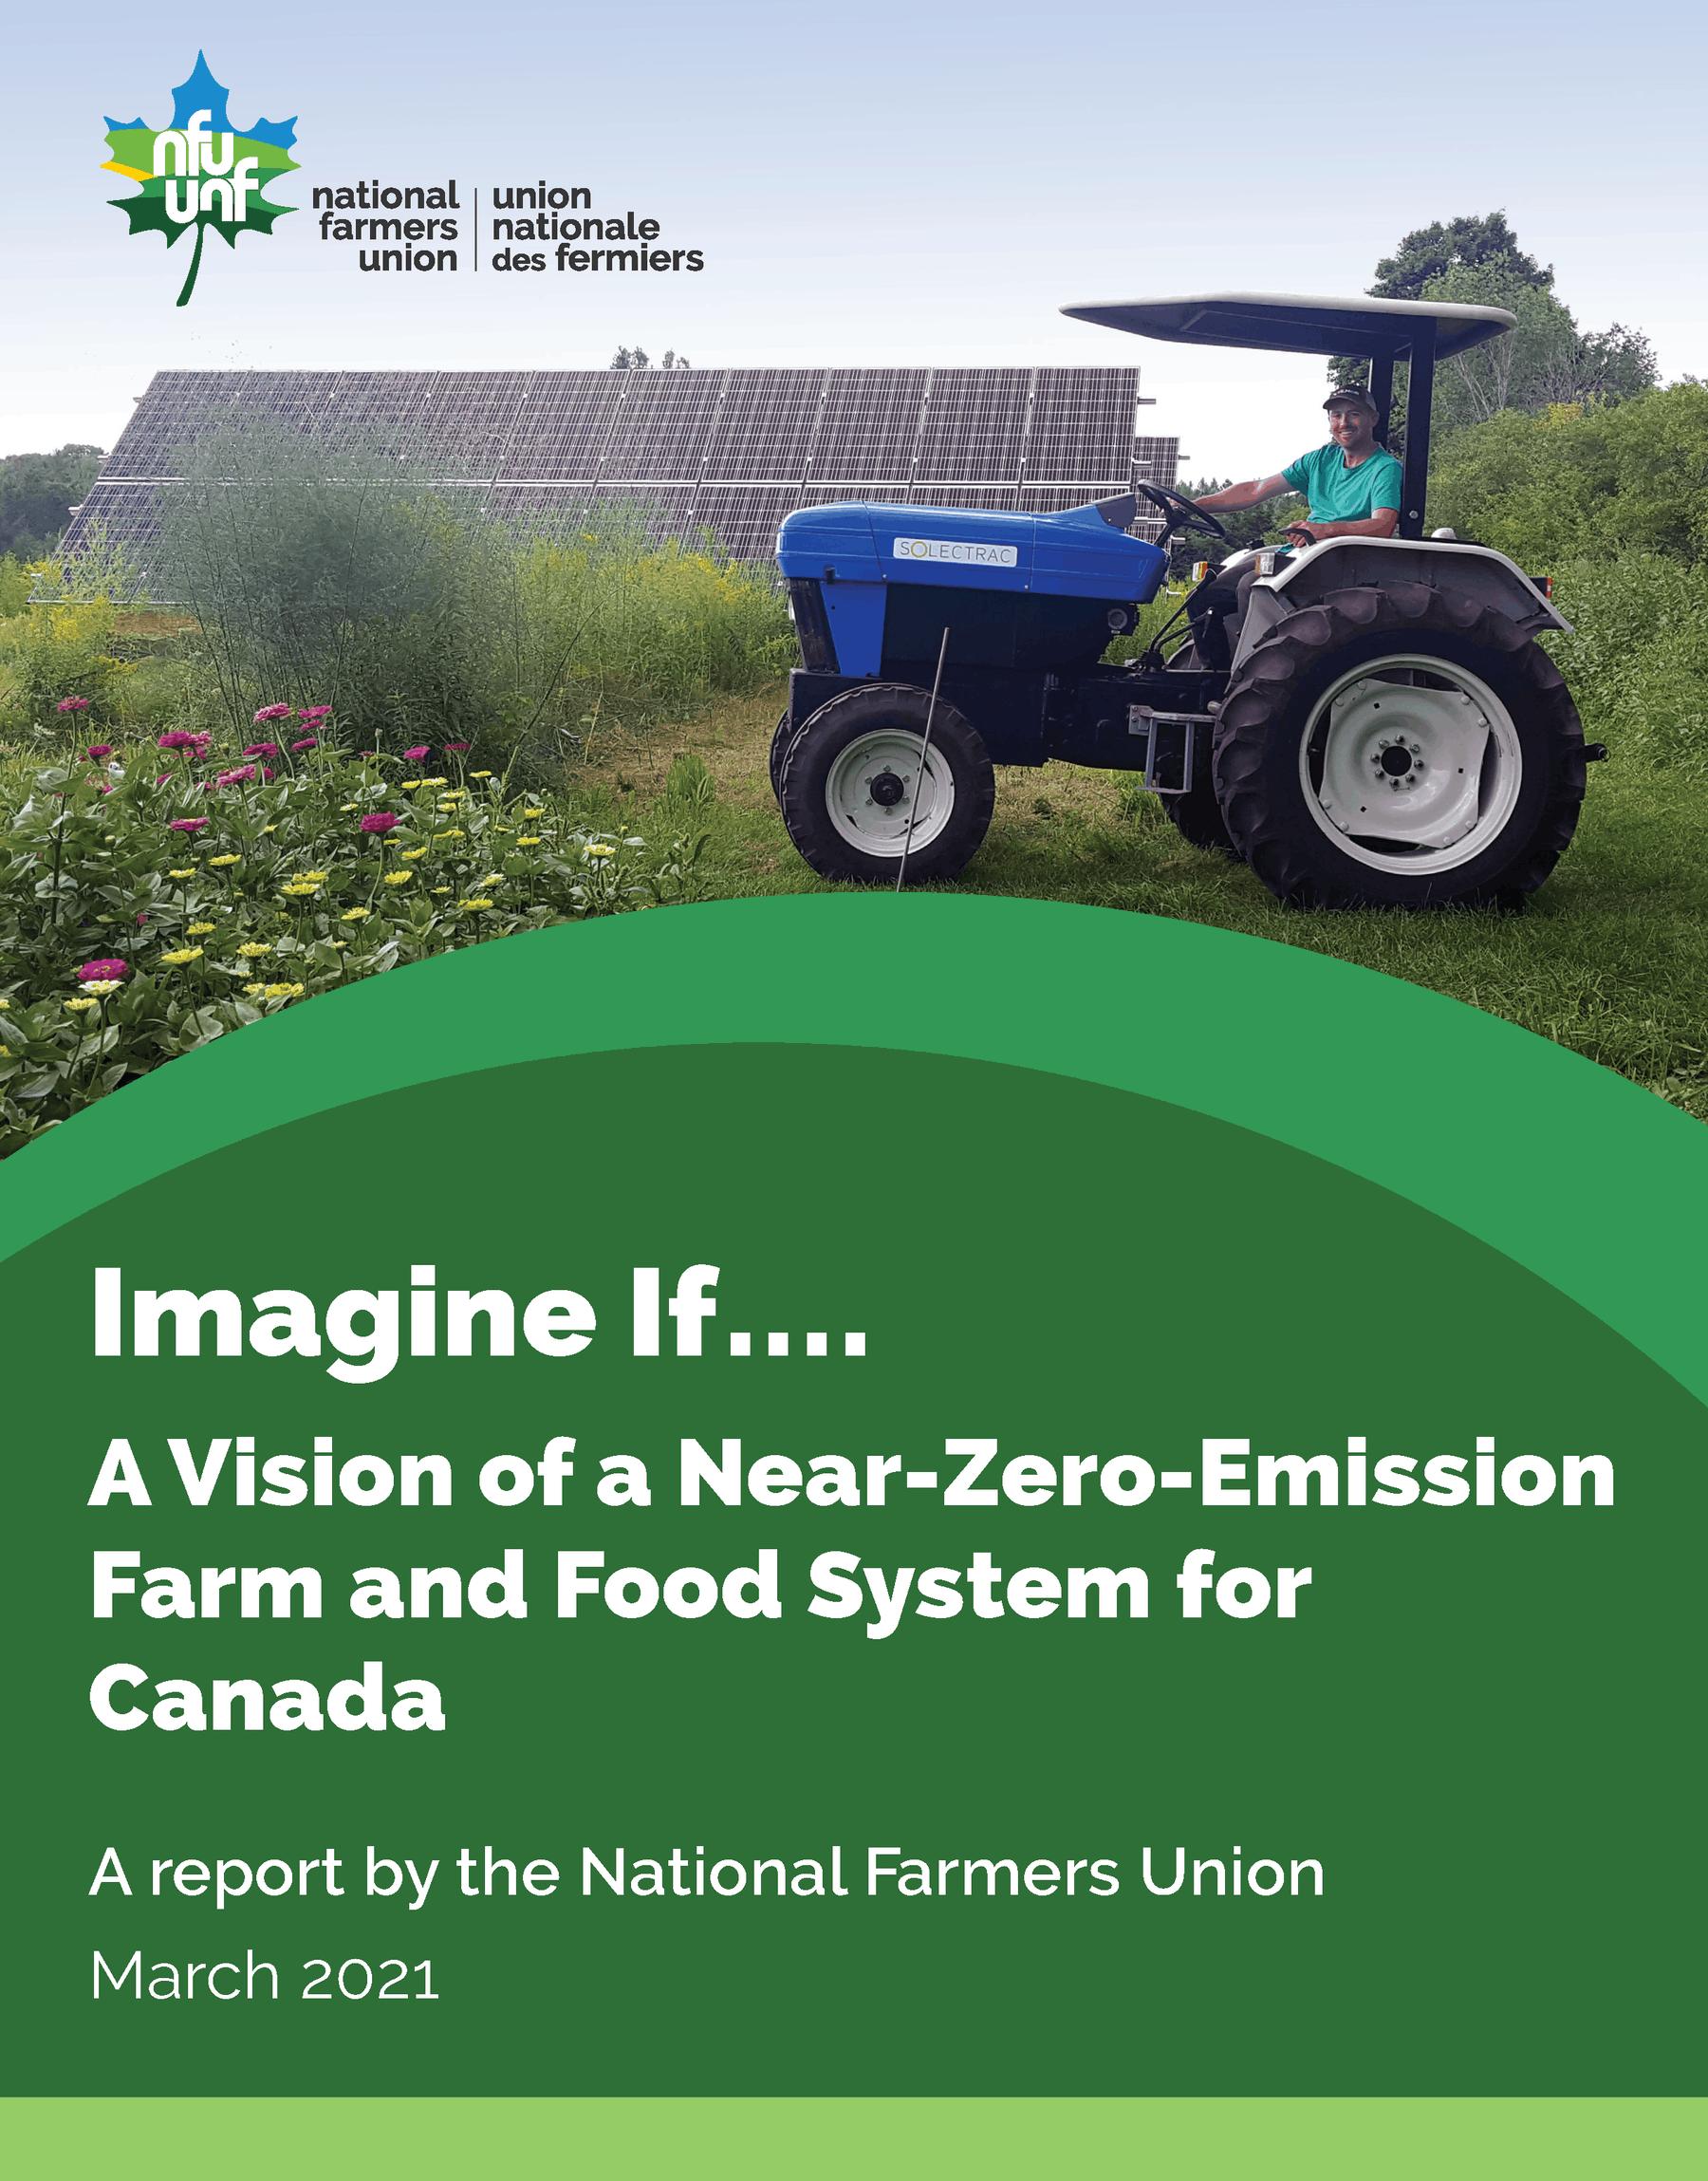 Imaginez si: une vision d'une ferme et d'un système alimentaire à émissions quasi nulles pour le Canada